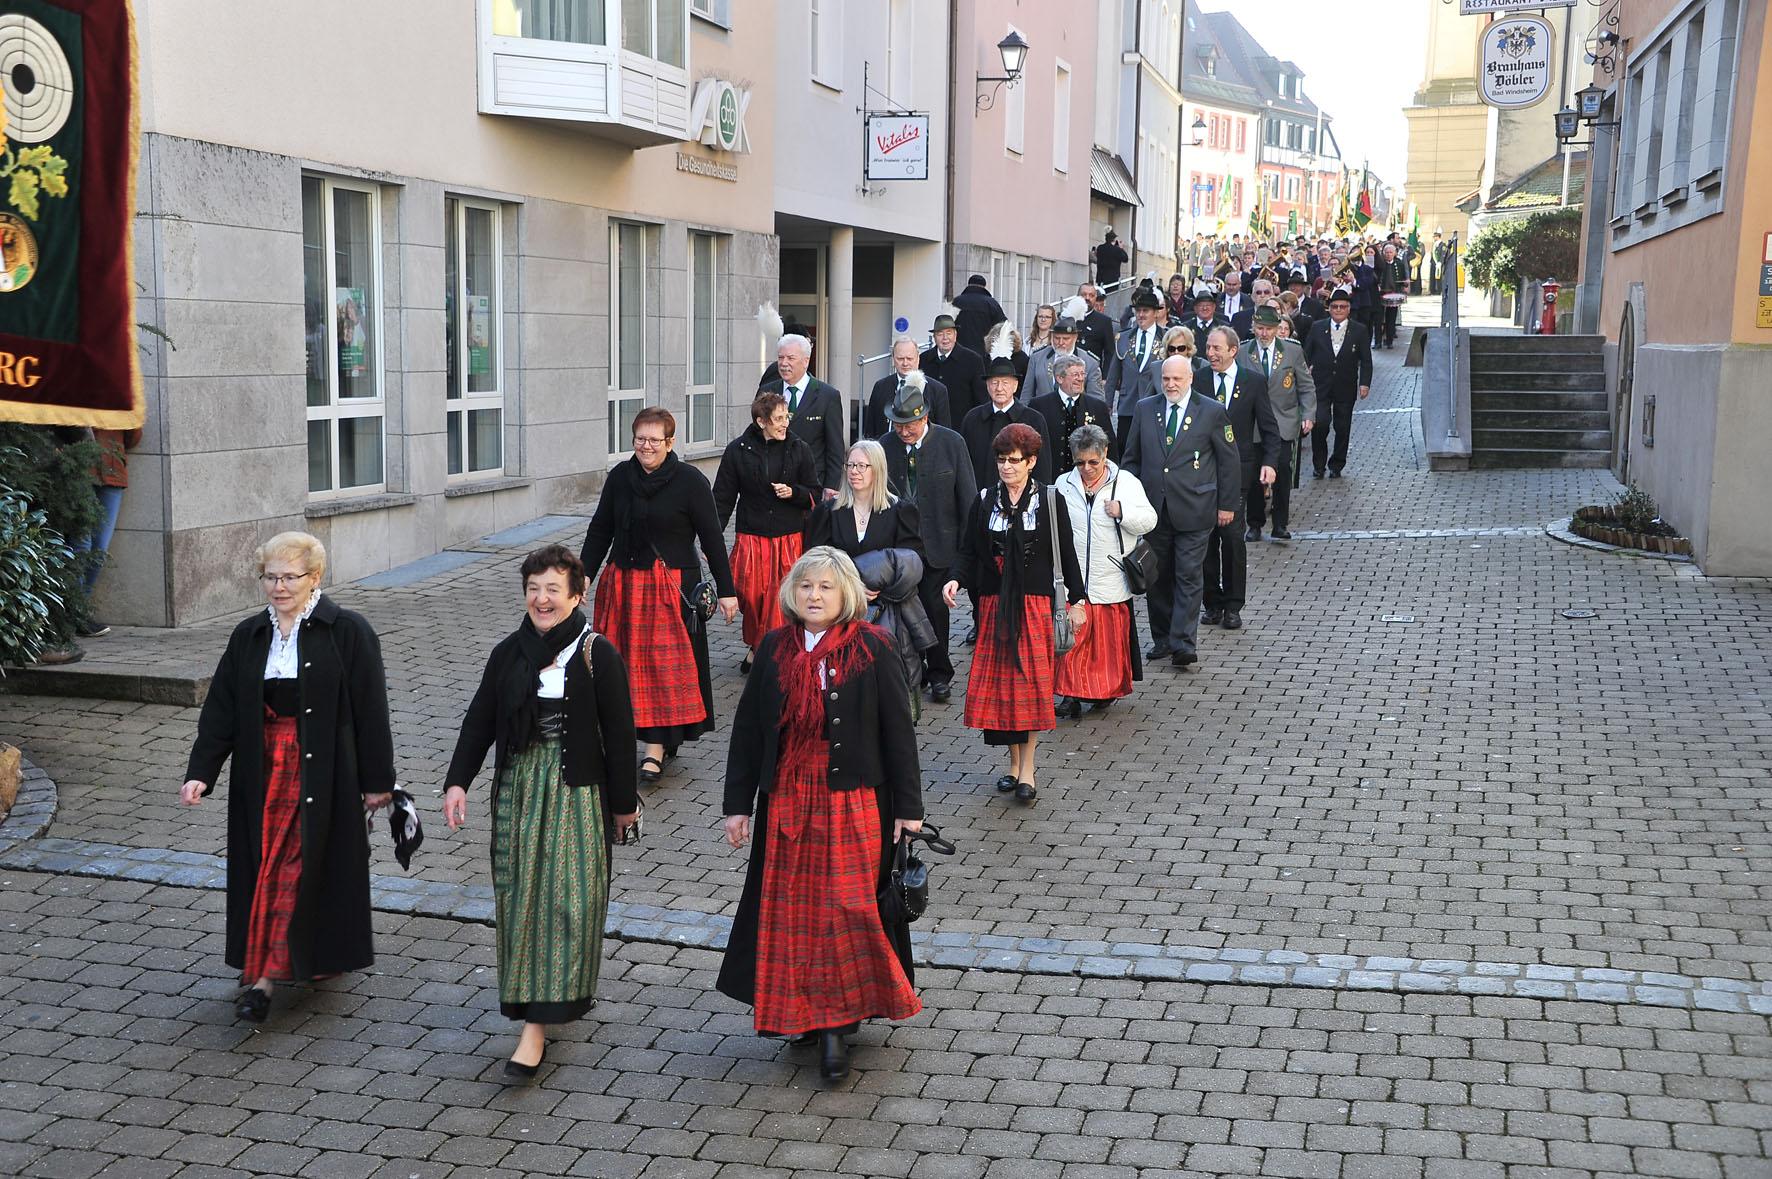 Bad Ansbach schützengau ansbach zeigt flagge beim mittelfränkischen schützentag